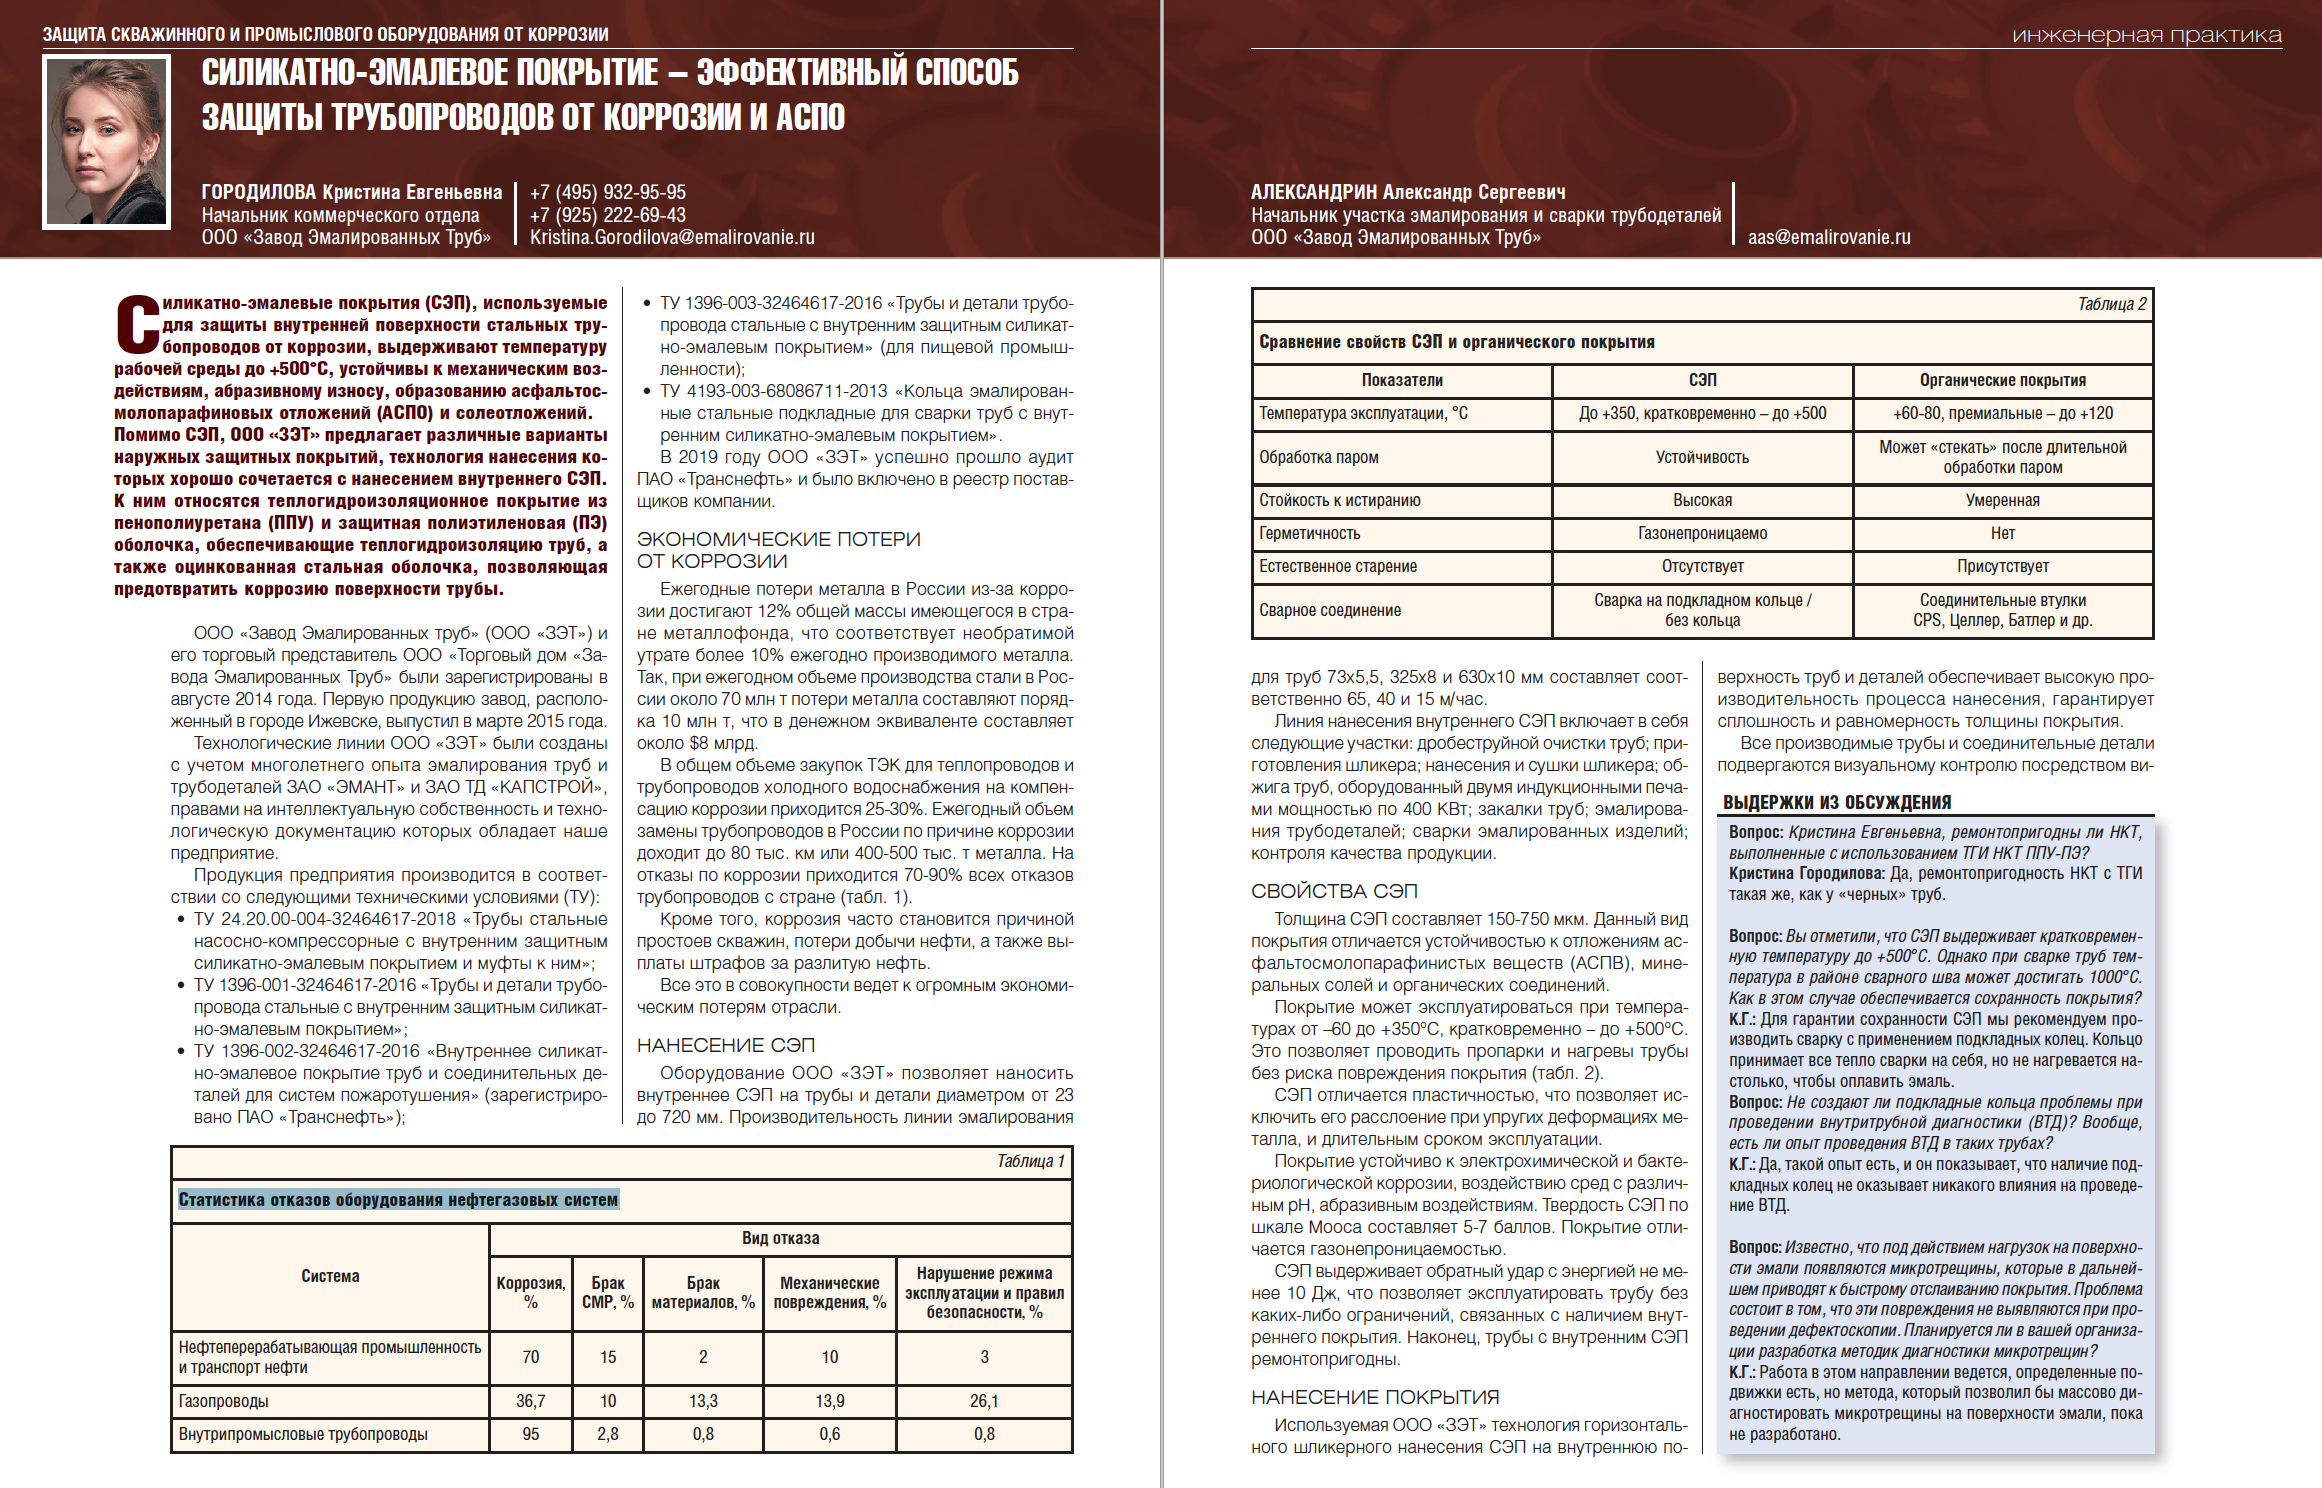 33593 Силикатно-эмалевое покрытие – эффективный способ защиты трубопроводов от коррозии и АСПО